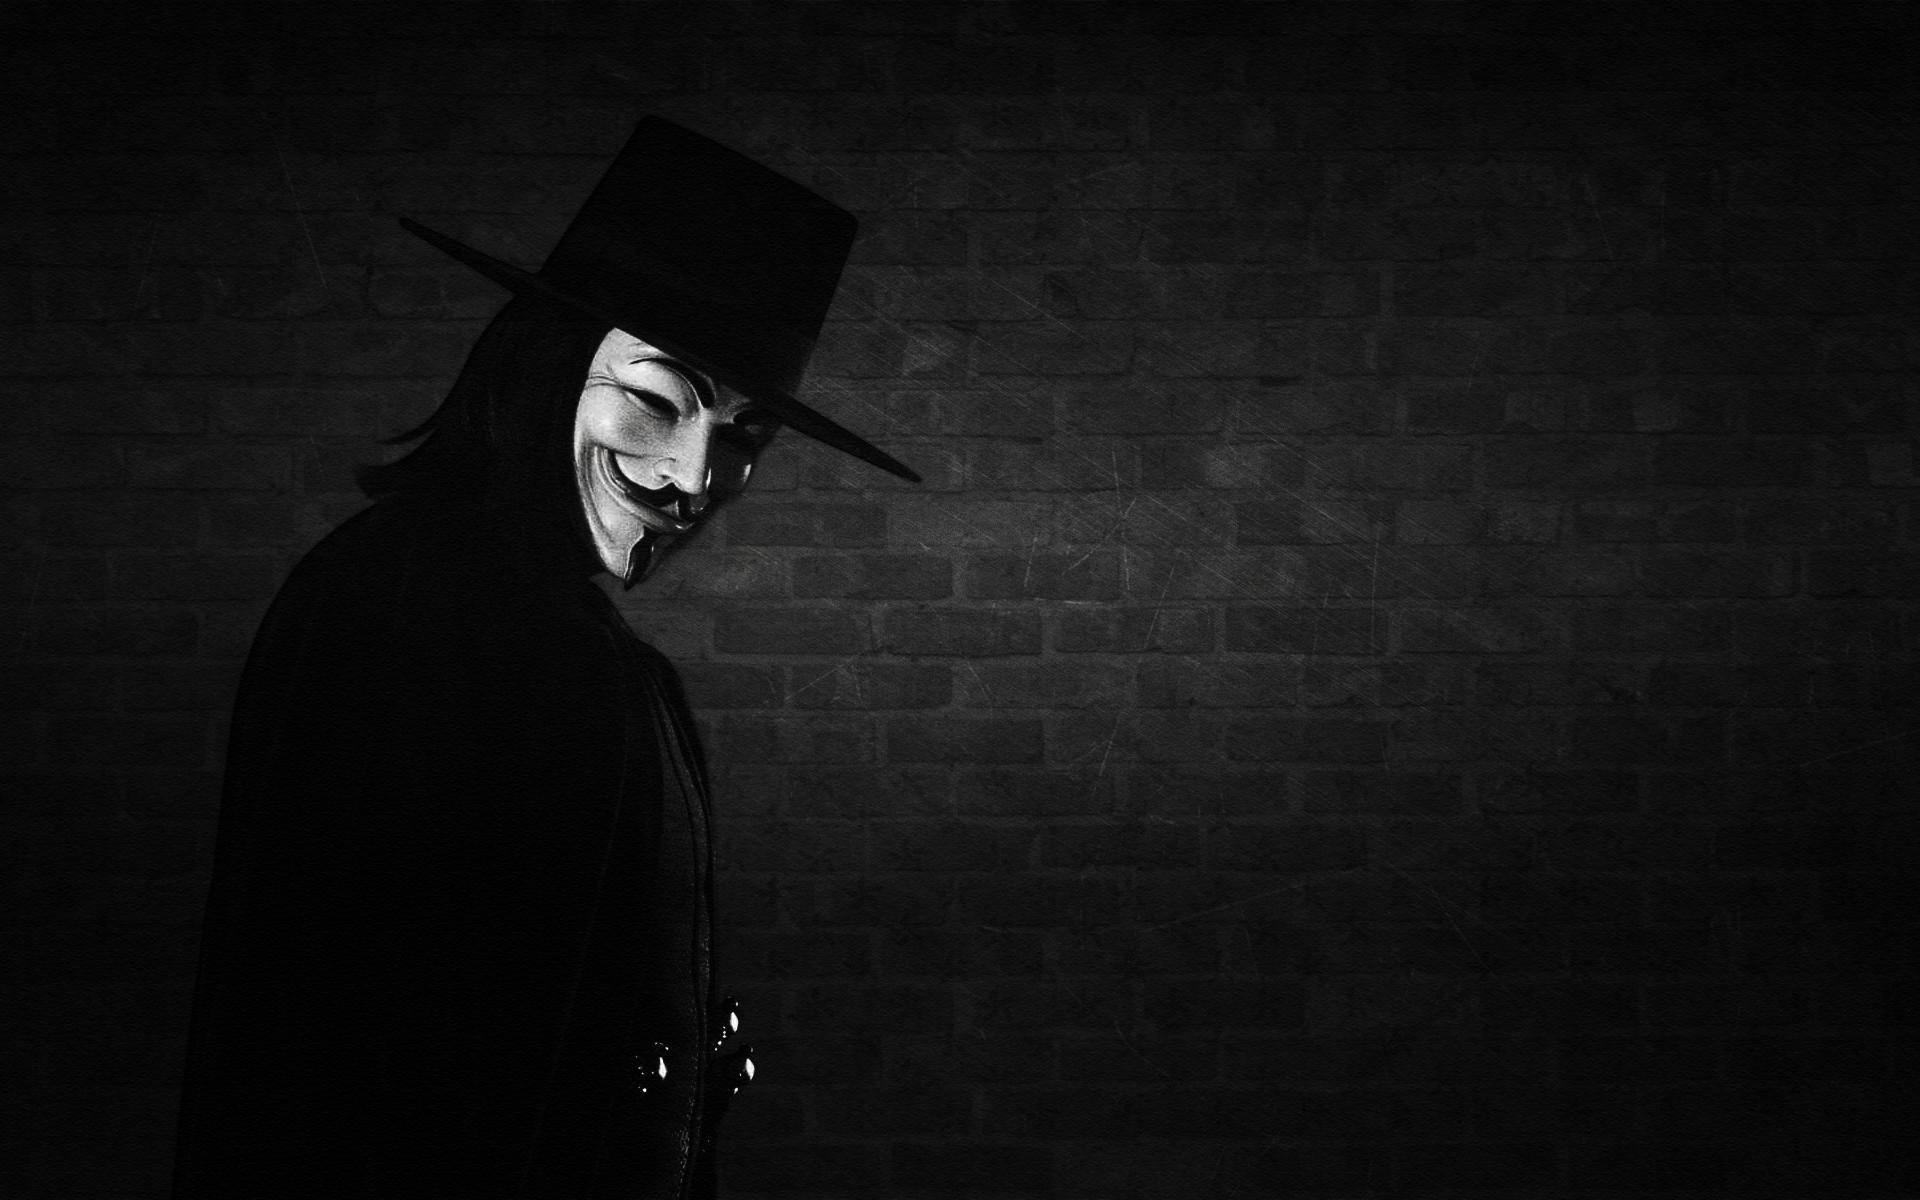 V For Vendetta Mask Wallpaper Army Wallpaper : 192...